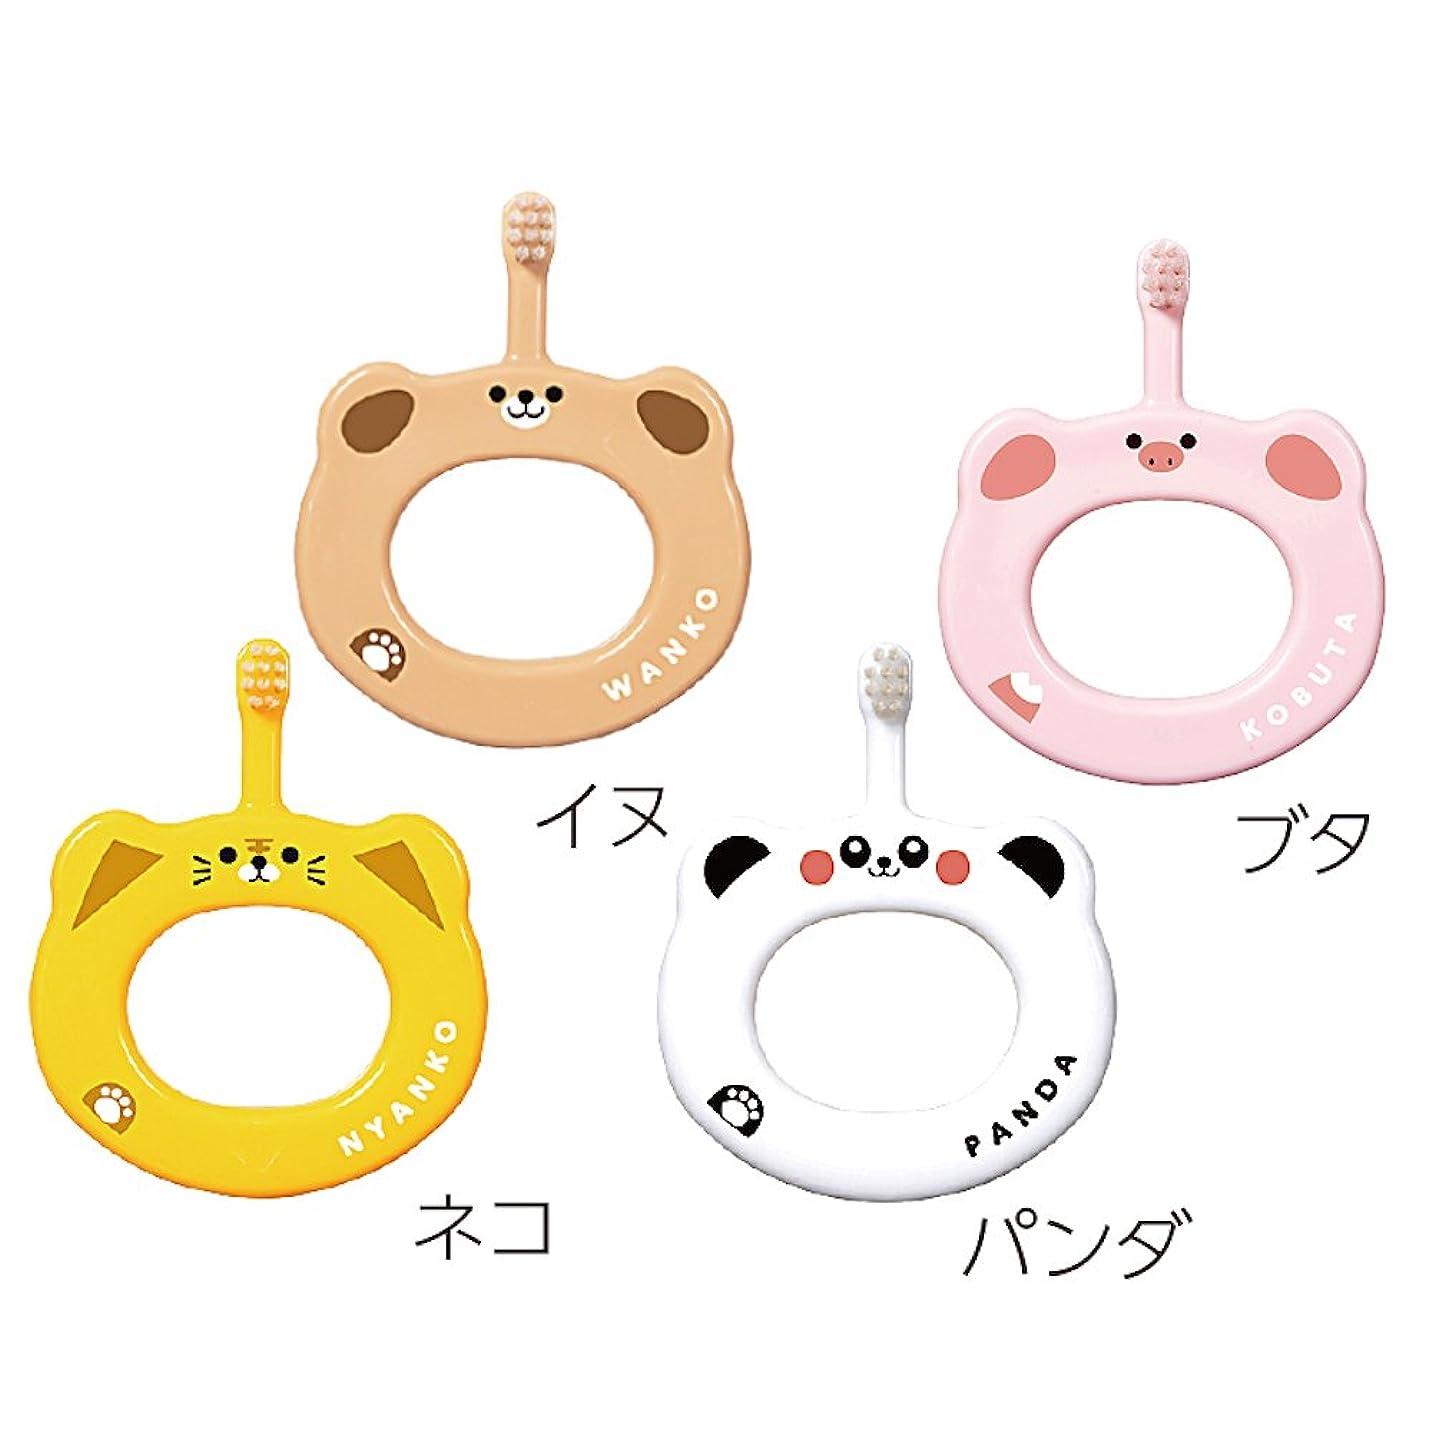 Ci ベビー 歯ブラシ 動物柄 リング 4本セット (ブタ、パンダ、ネコ、イヌ)